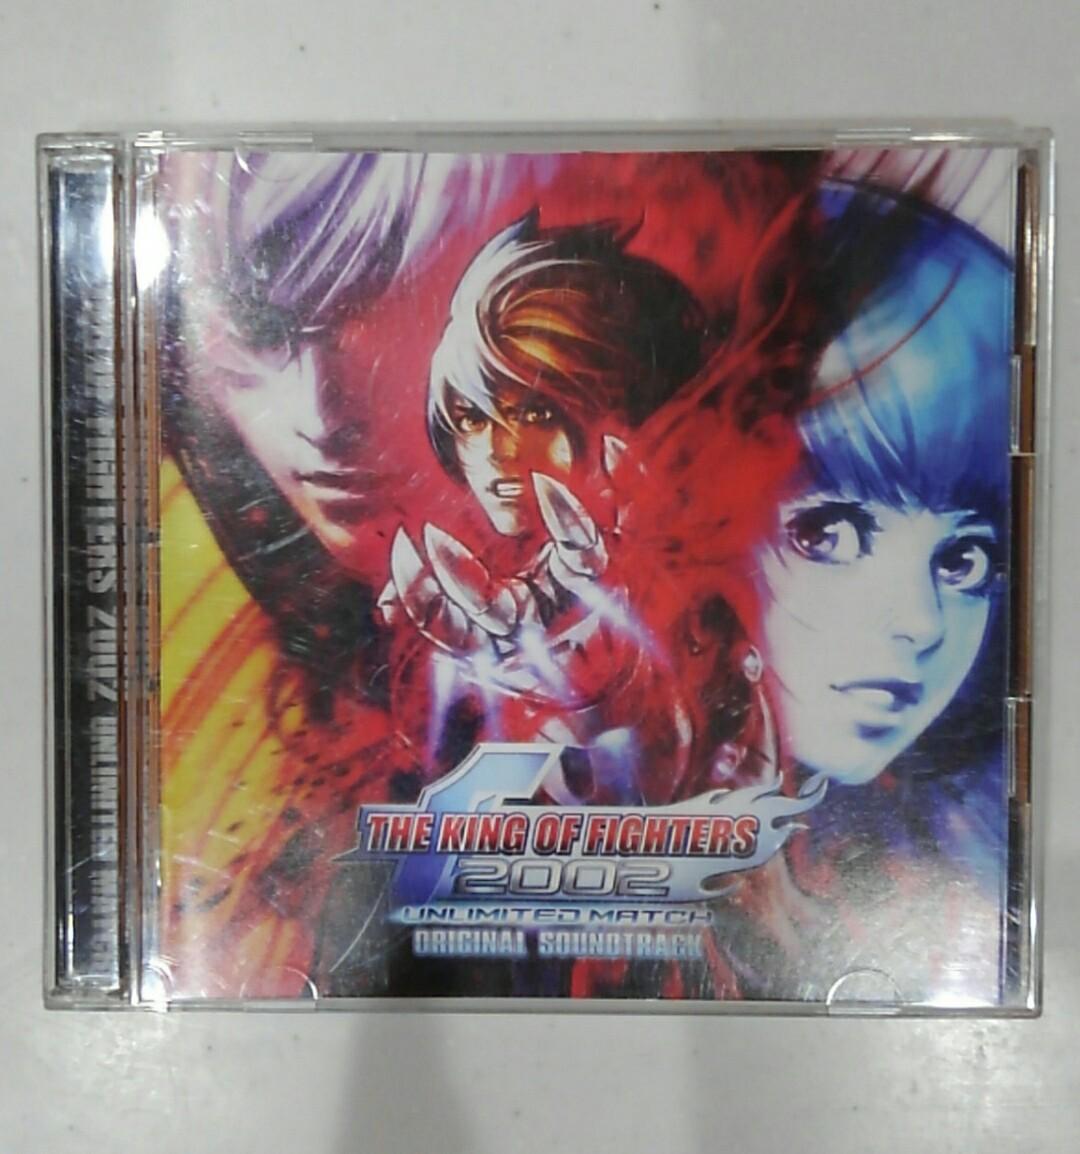 【KOF 2002 UNLIMITED MATCH オリジナルサウンドトラック SNK 動作確認済み】